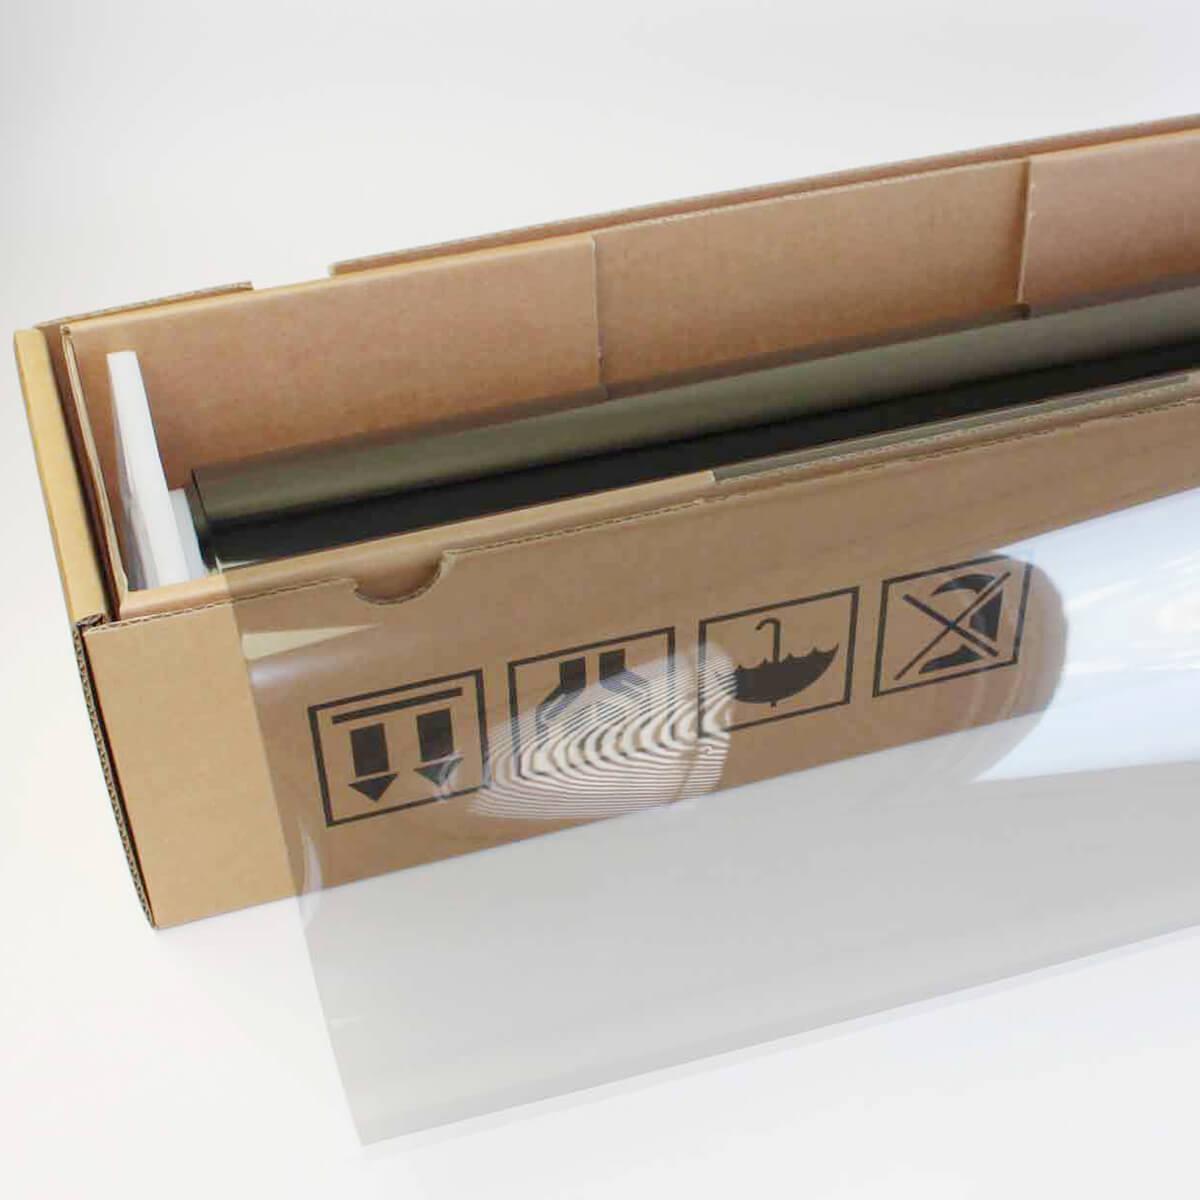 送料無料 ウィンドウフィルム 窓ガラスフィルム エクリプス65(ニュートラル65%) 1m幅×30mロール箱売 遮熱フィルム 断熱フィルム UVカットフィルム ブレインテック Braintec